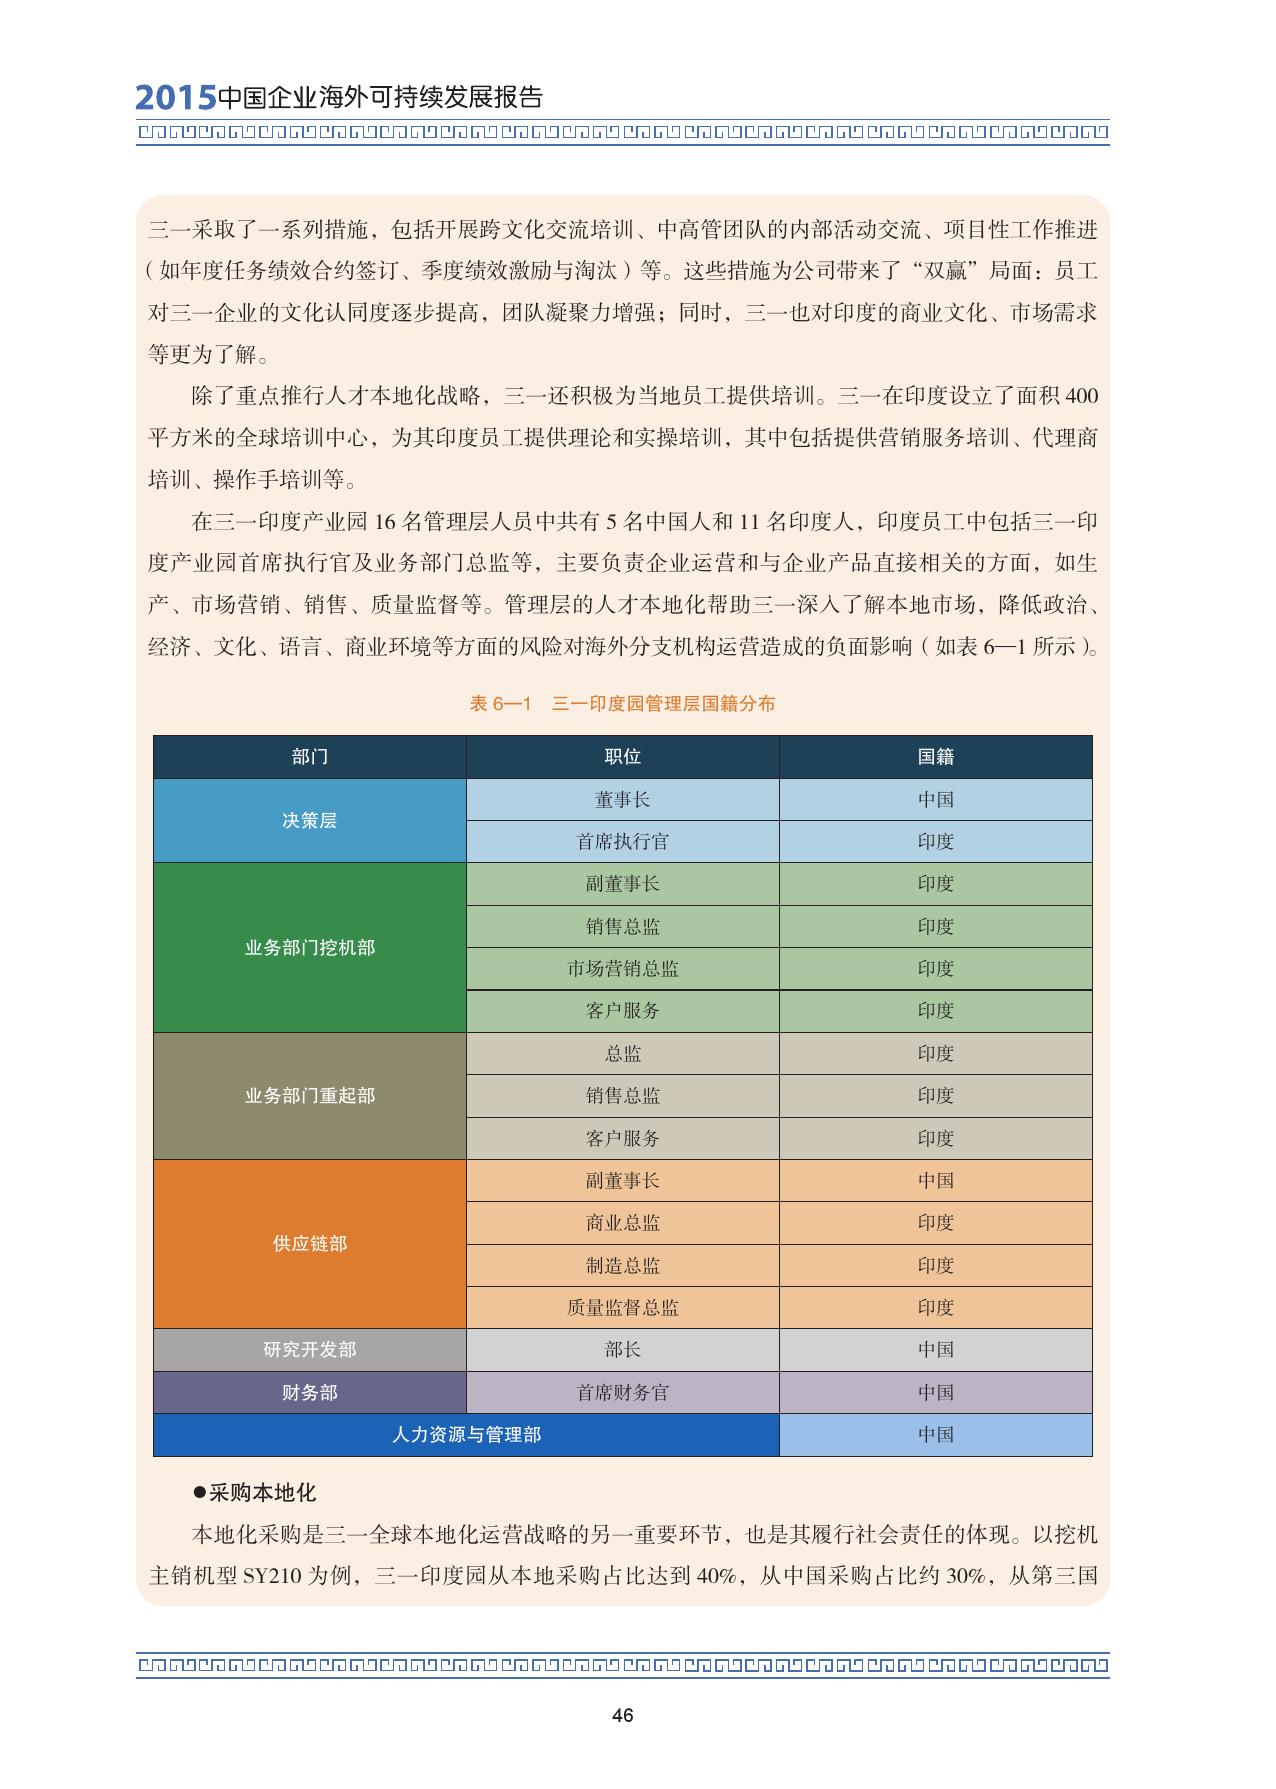 2015中国企业海外可持续发展报告_000060